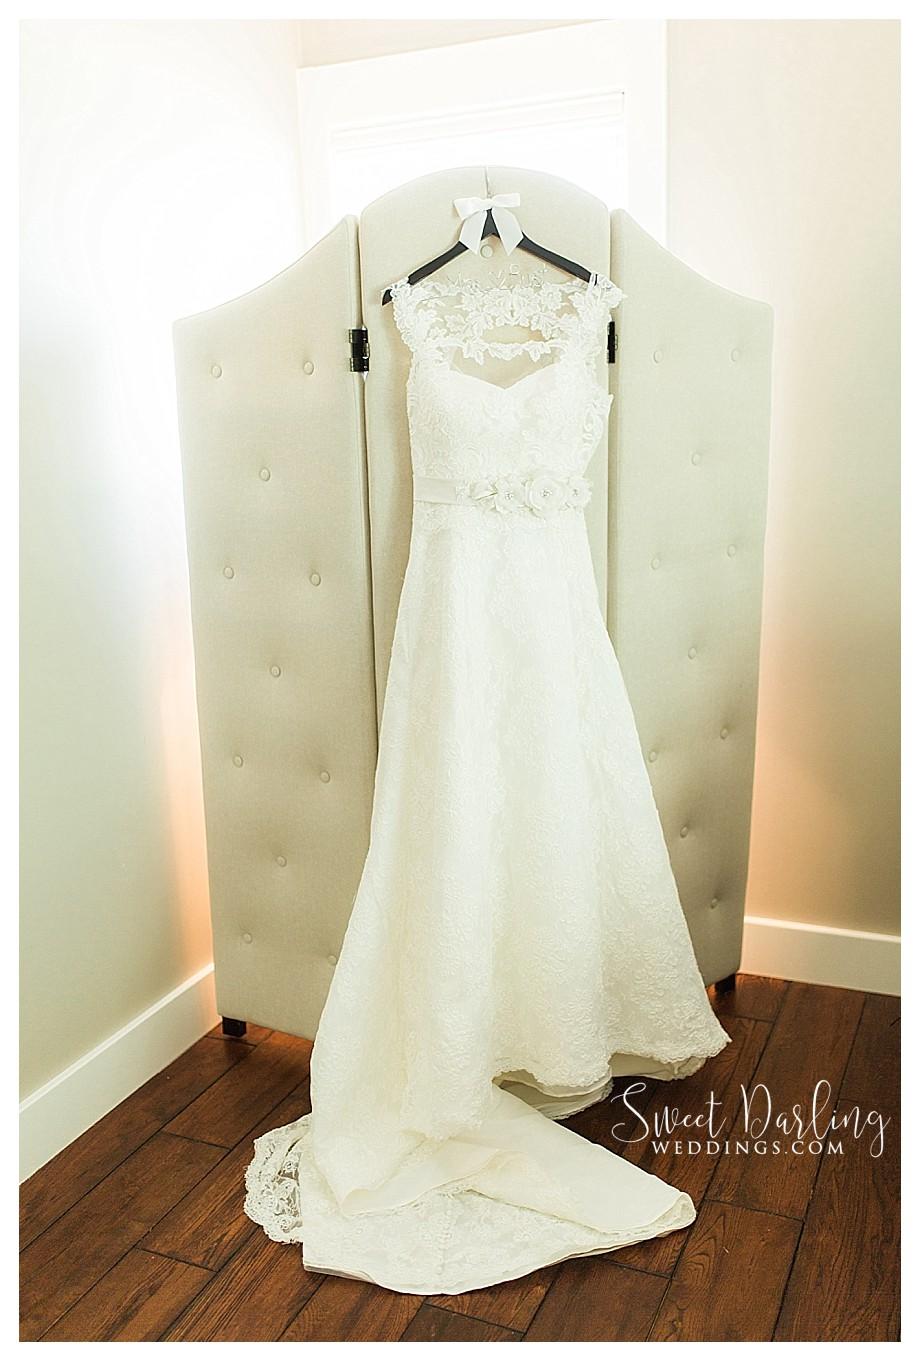 wedding dress on custom wooden hanger